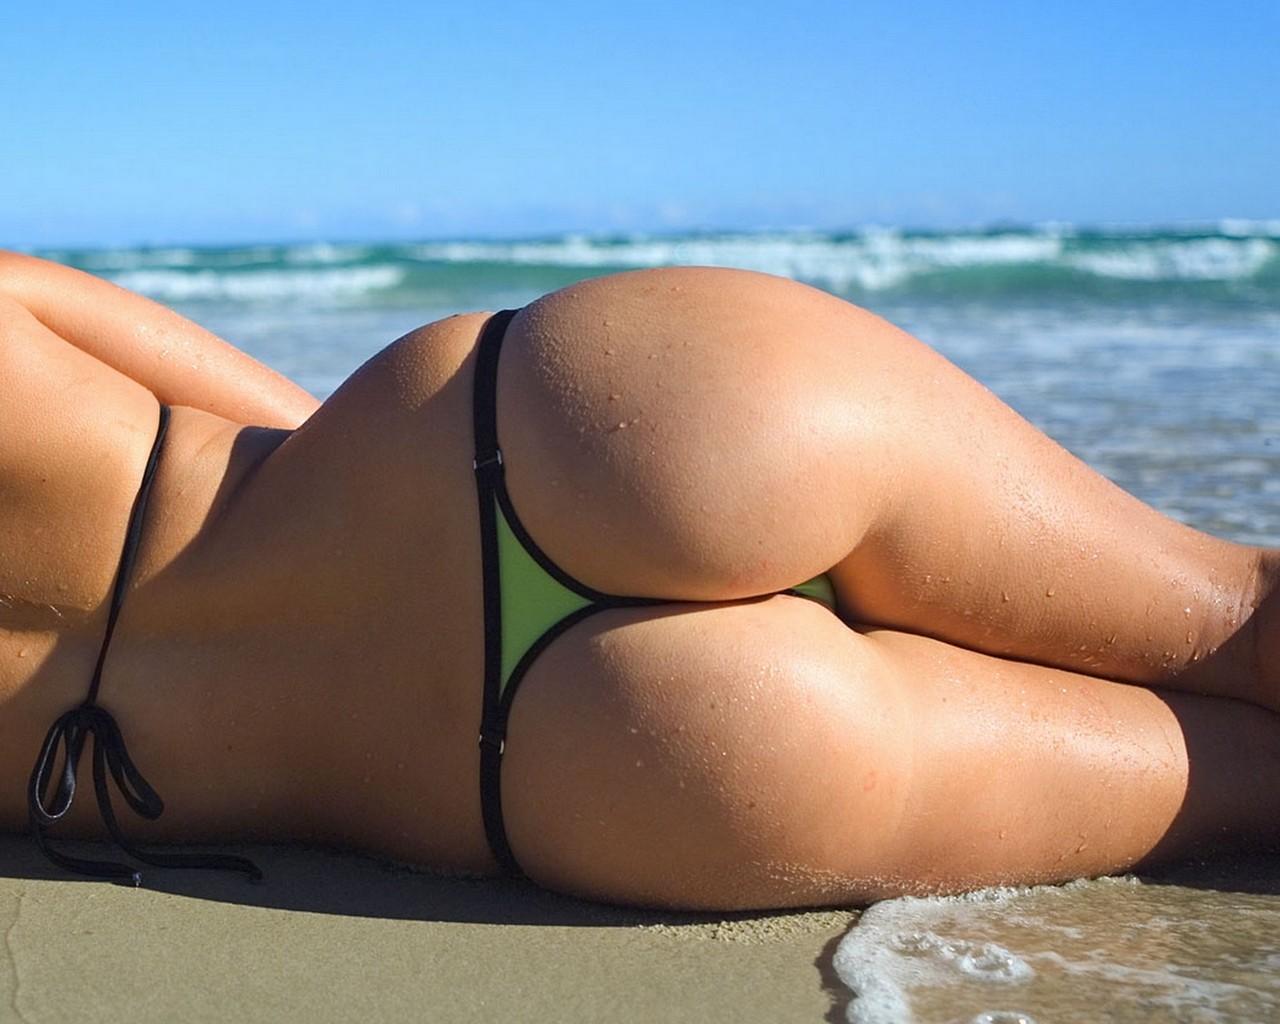 фото девушек на пляже крупно - 4